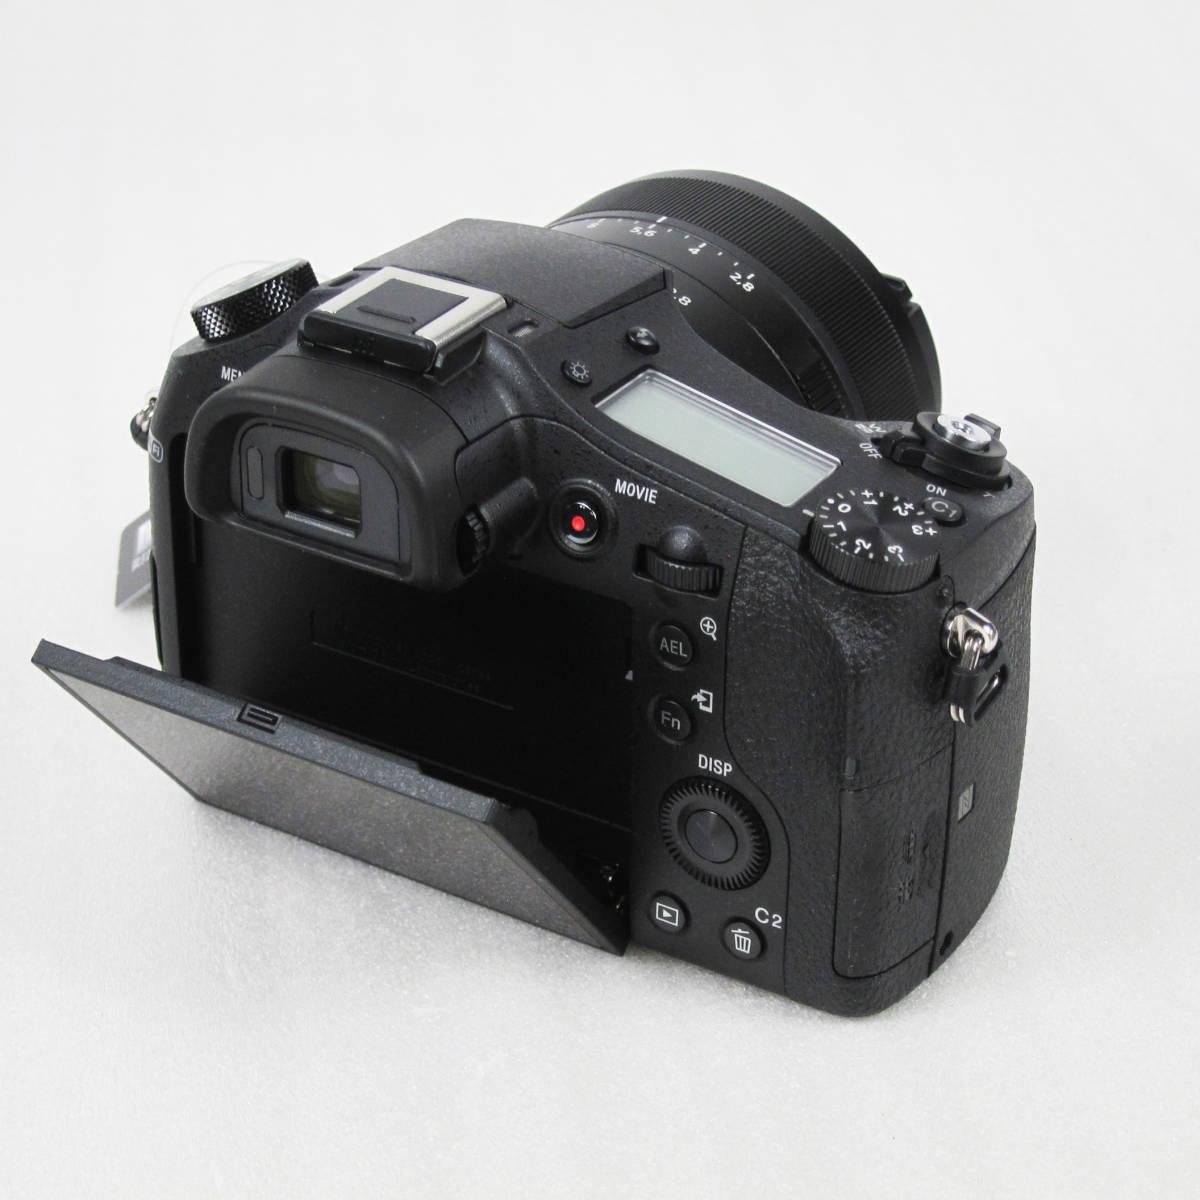 M4109●SONY ソニー デジタルスチルカメラ【海外仕様】Cyber-shot サイバーショット DSC-RX10M2 WiFi 4K 大口径ツァイス レンズ 未使用新品_画像5